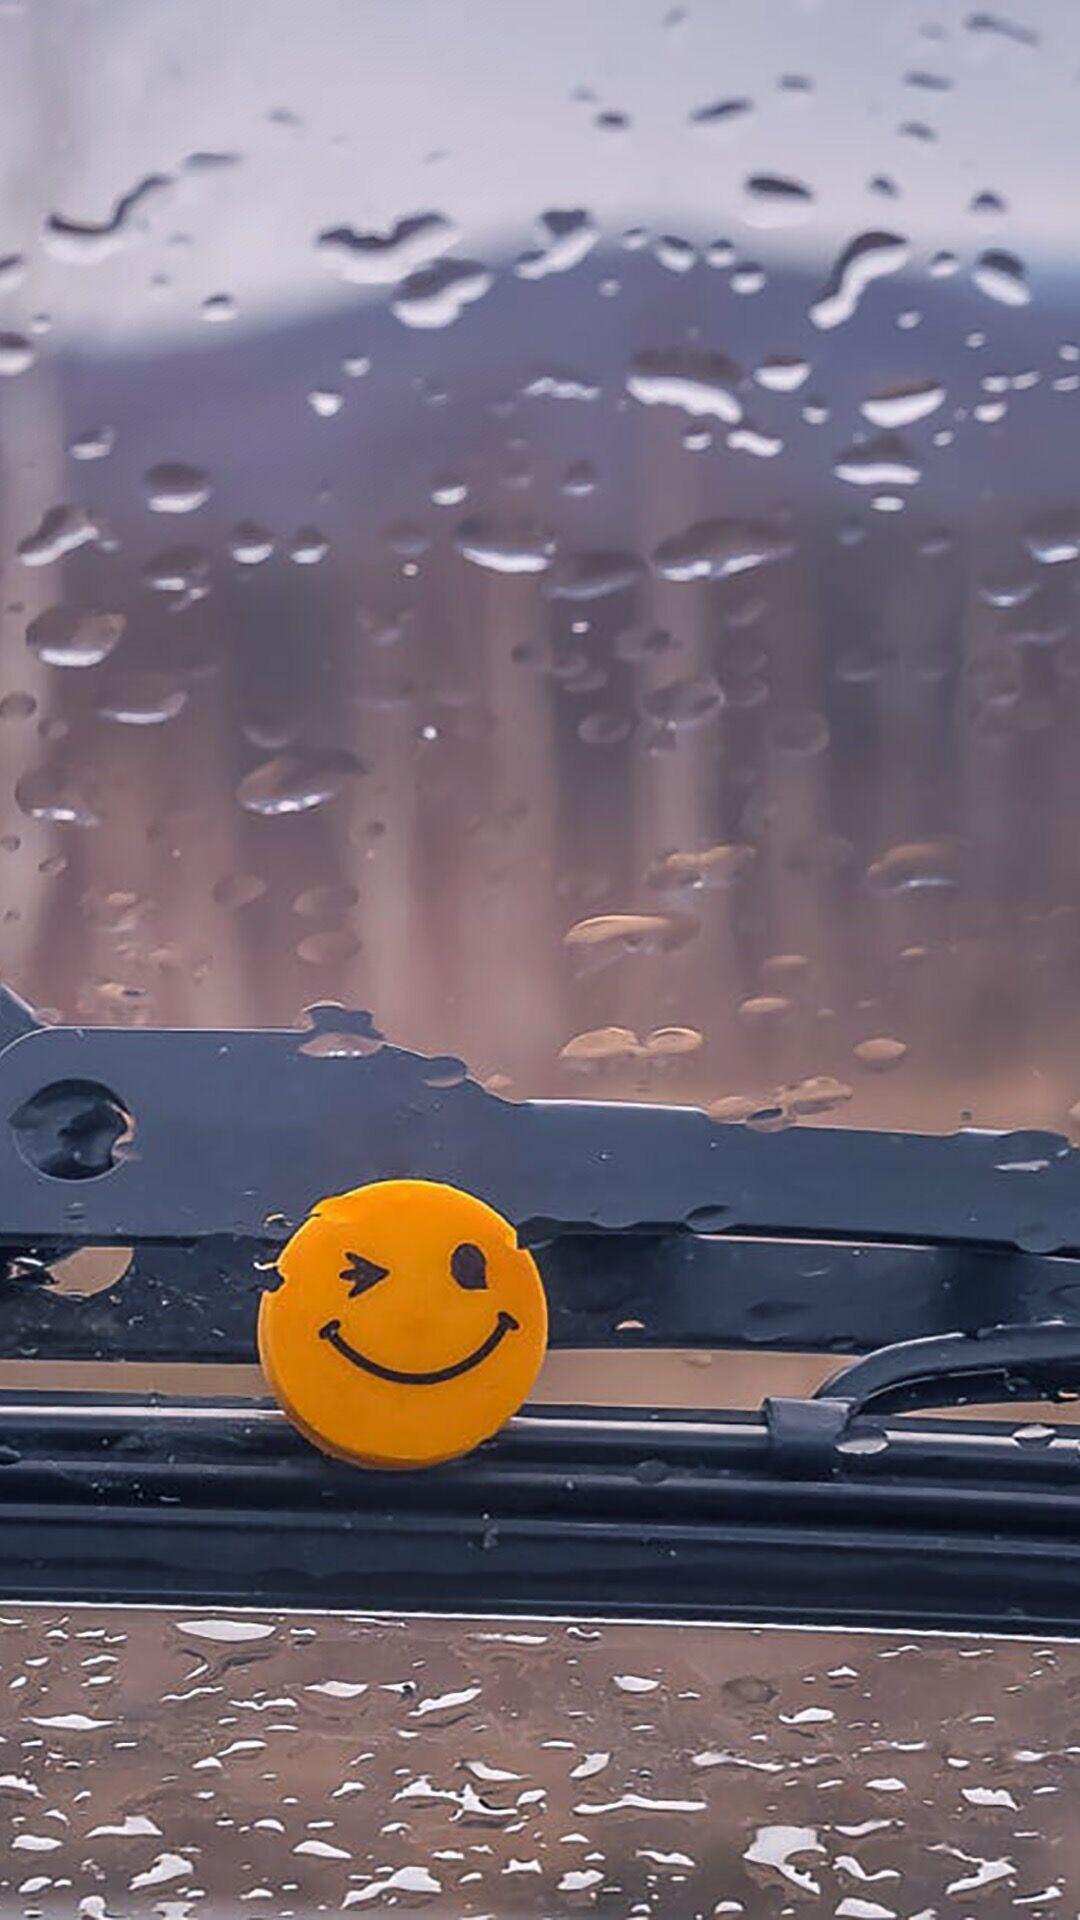 【v粉壁纸】可爱笑脸壁纸-资源分享-vivo智能手机v粉